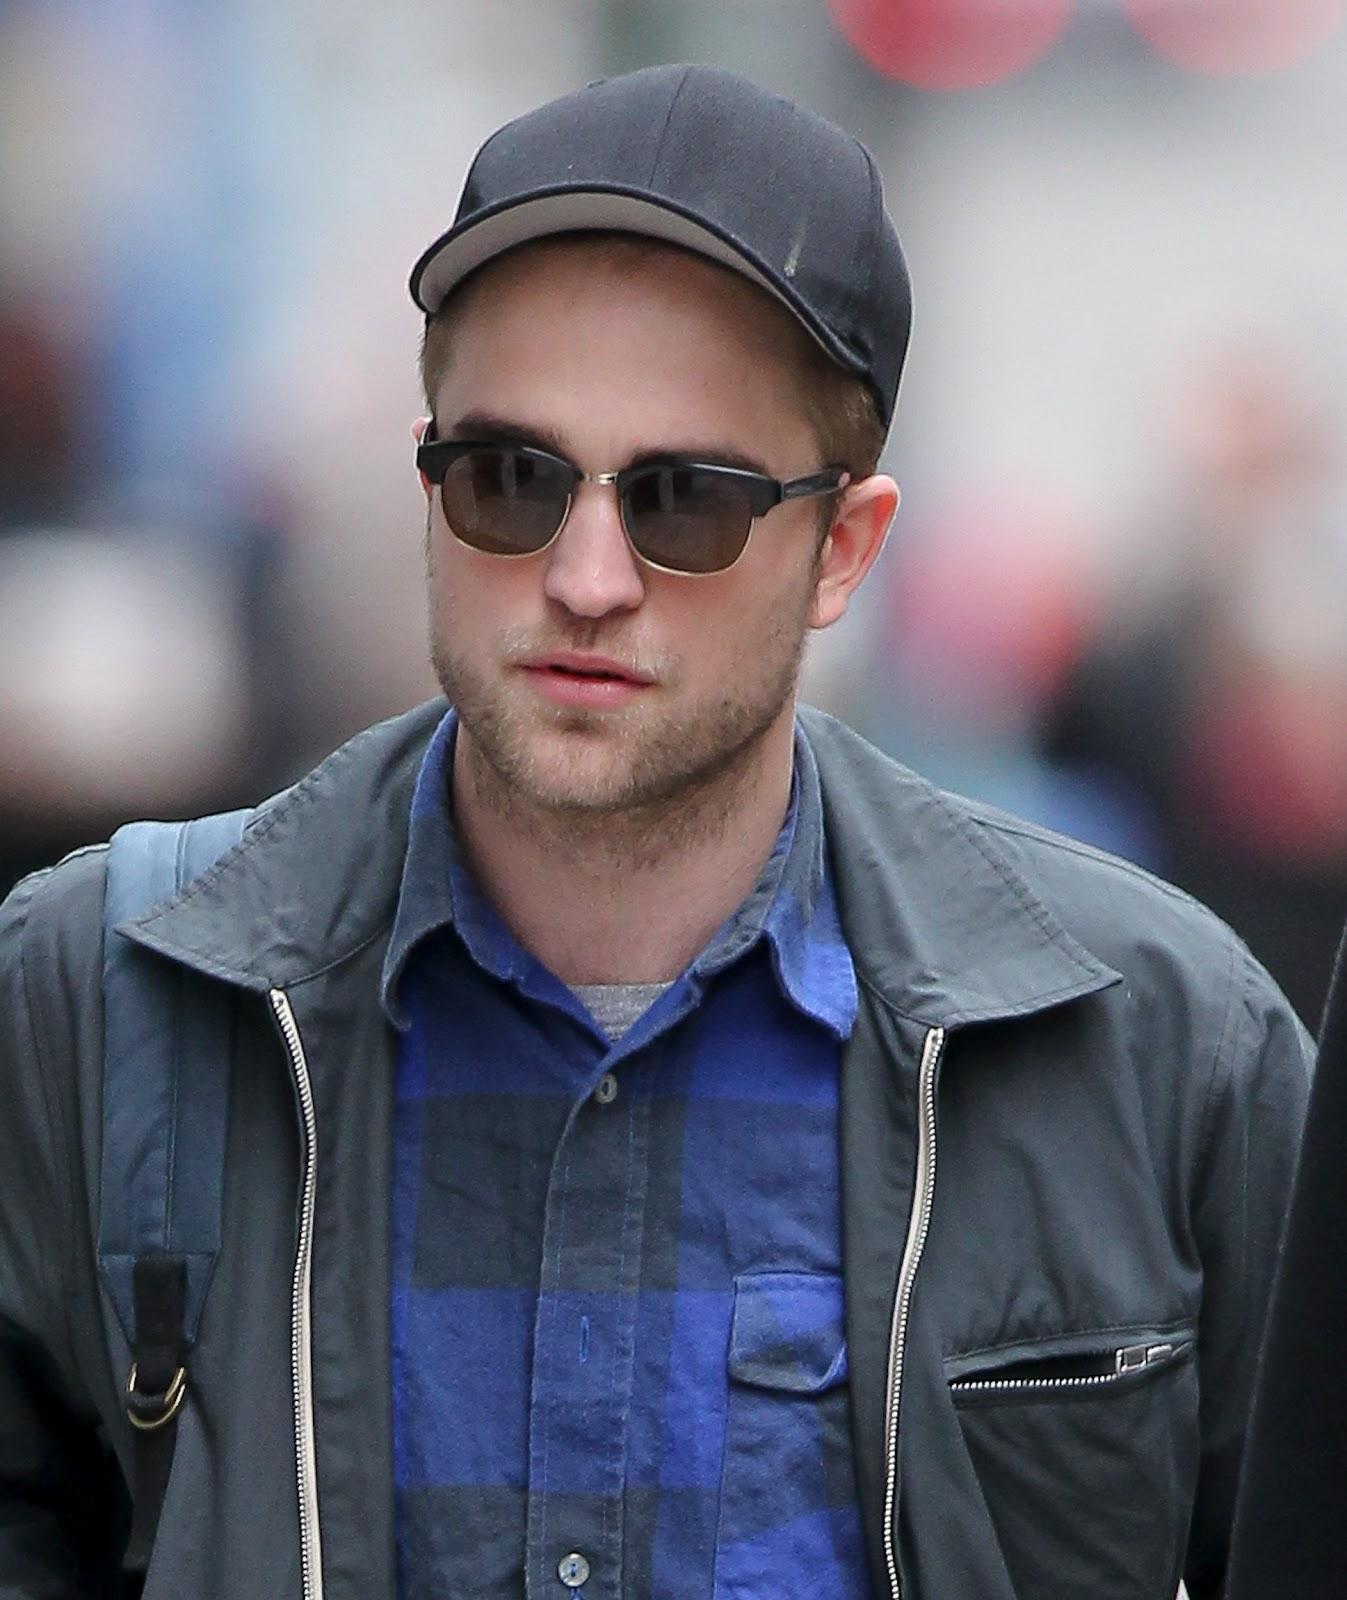 http://2.bp.blogspot.com/-Xiqnfb0SxL0/T6VUNg4BweI/AAAAAAAACuE/xCo9sZ3dyjg/s1600/Robert+Pattinson4.jpg